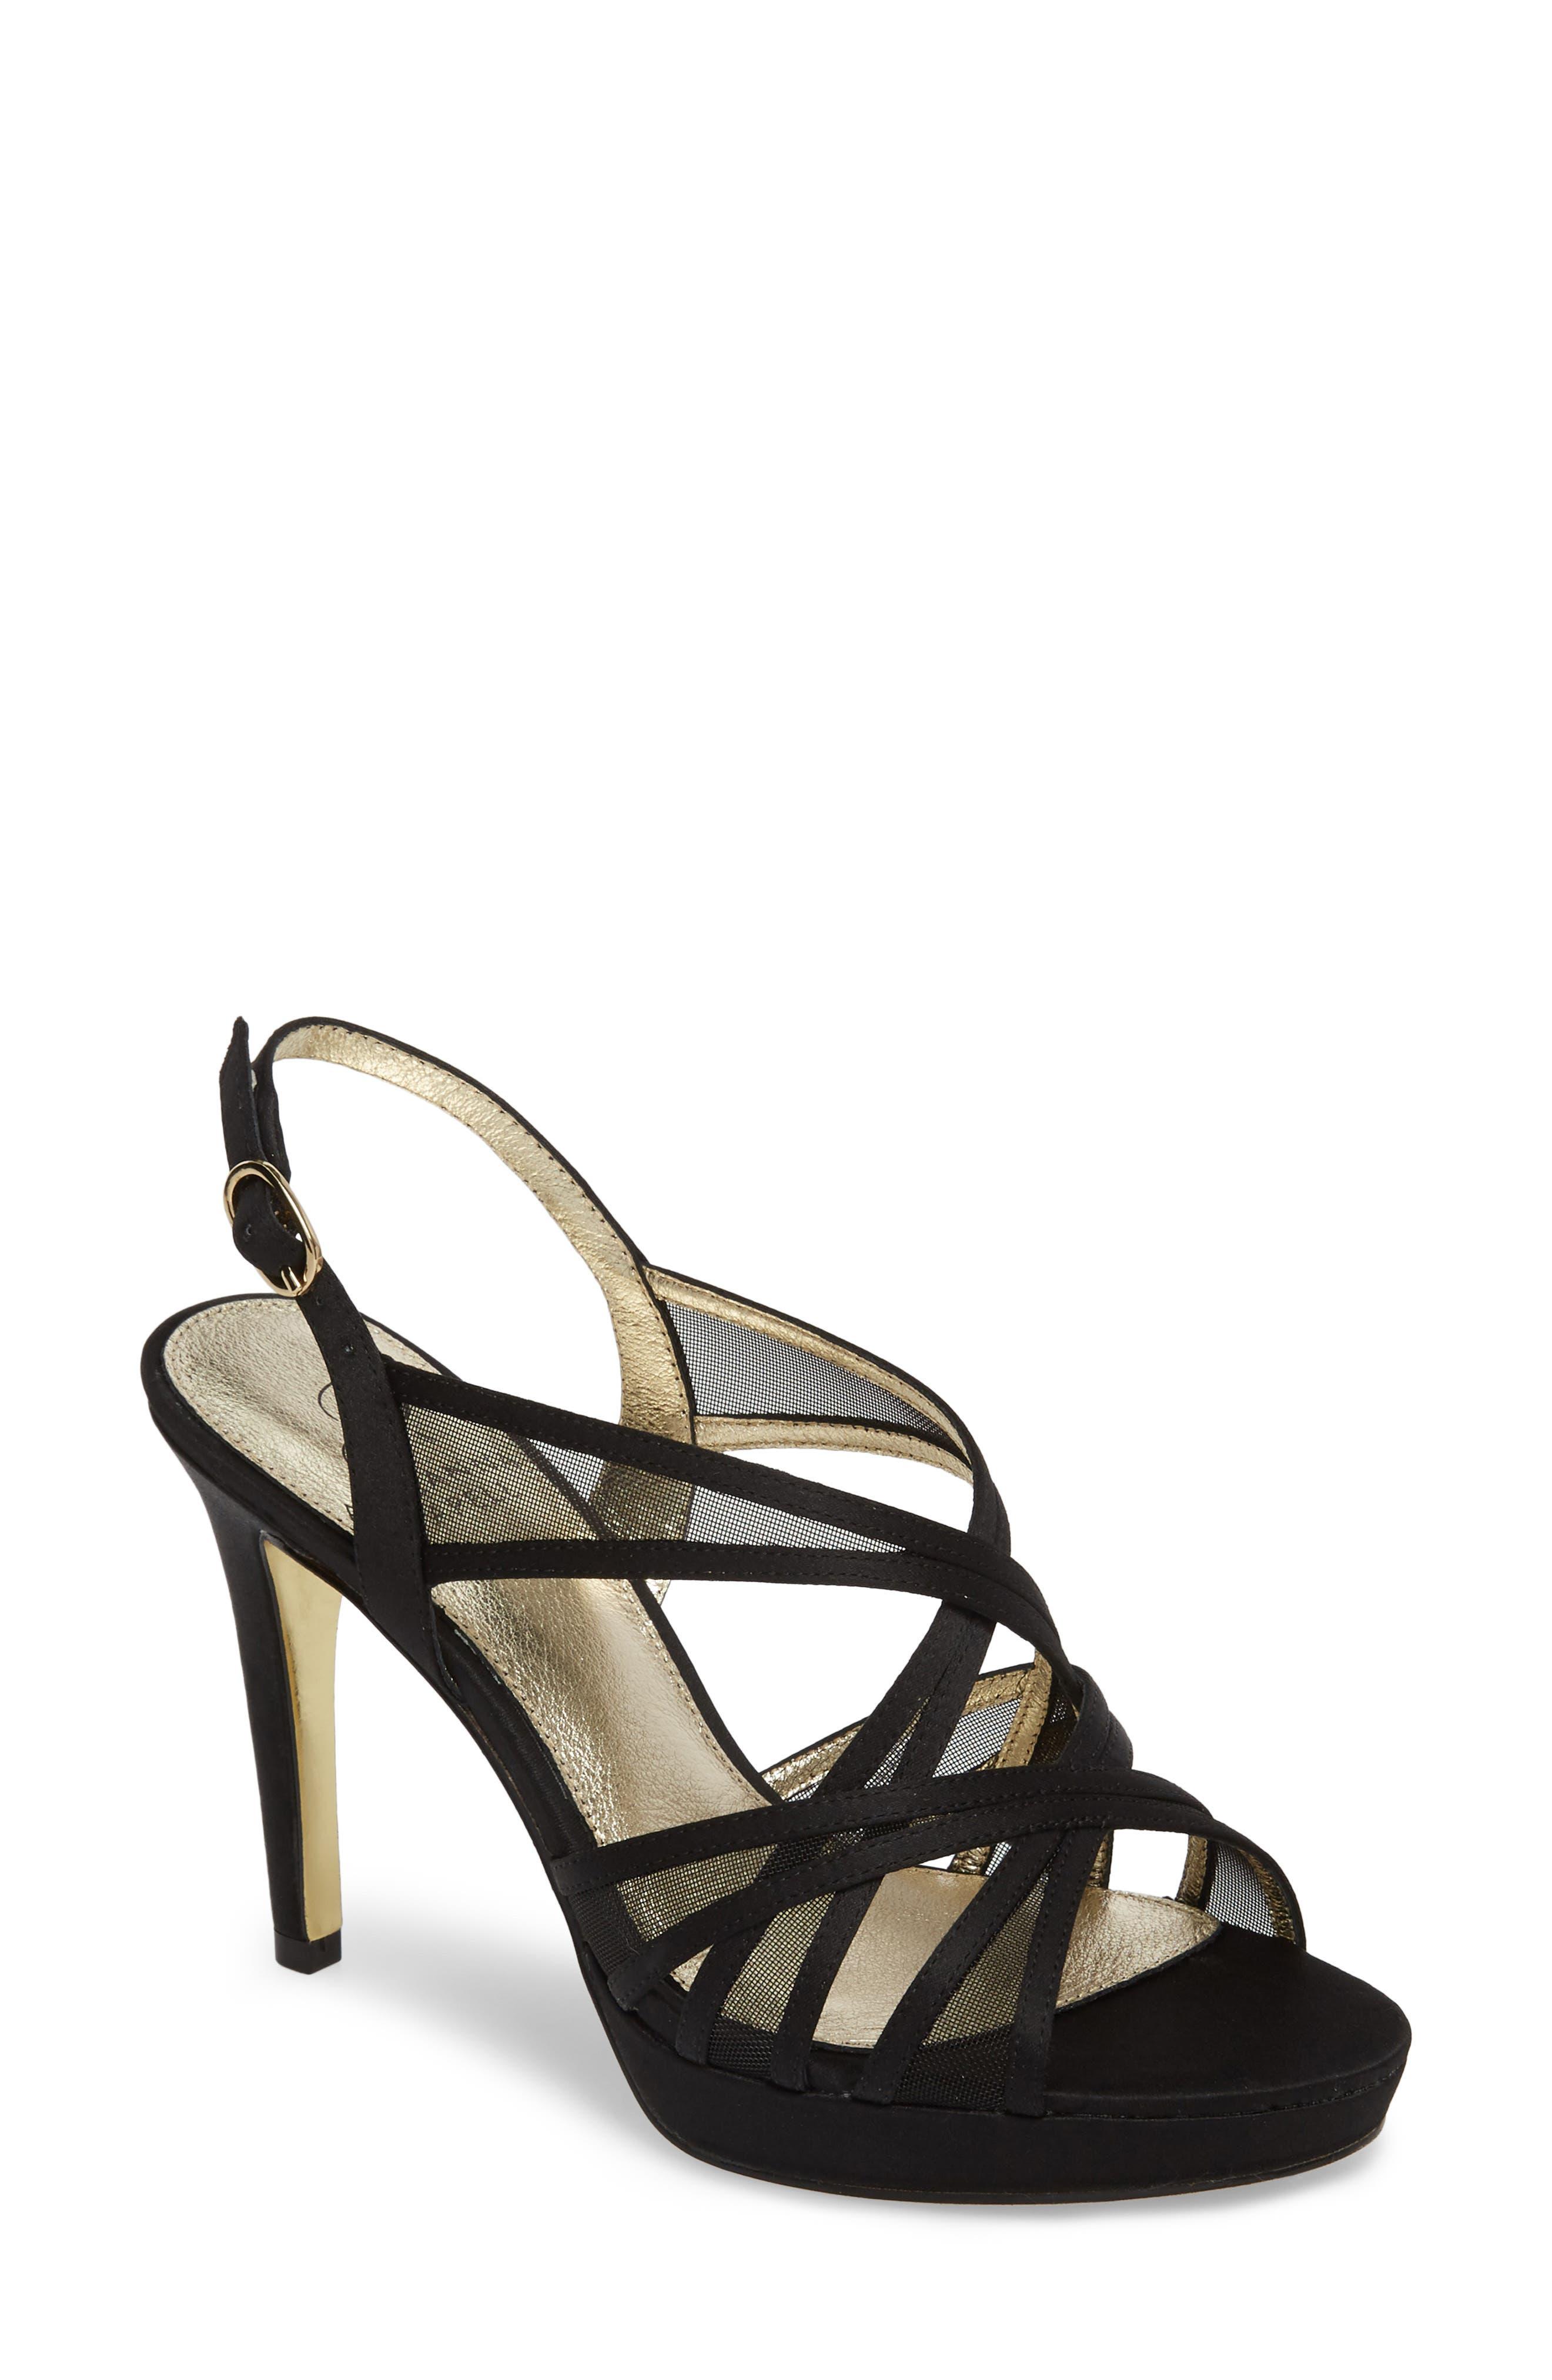 Adri Platform Sandal,                             Main thumbnail 1, color,                             BLACK SATIN